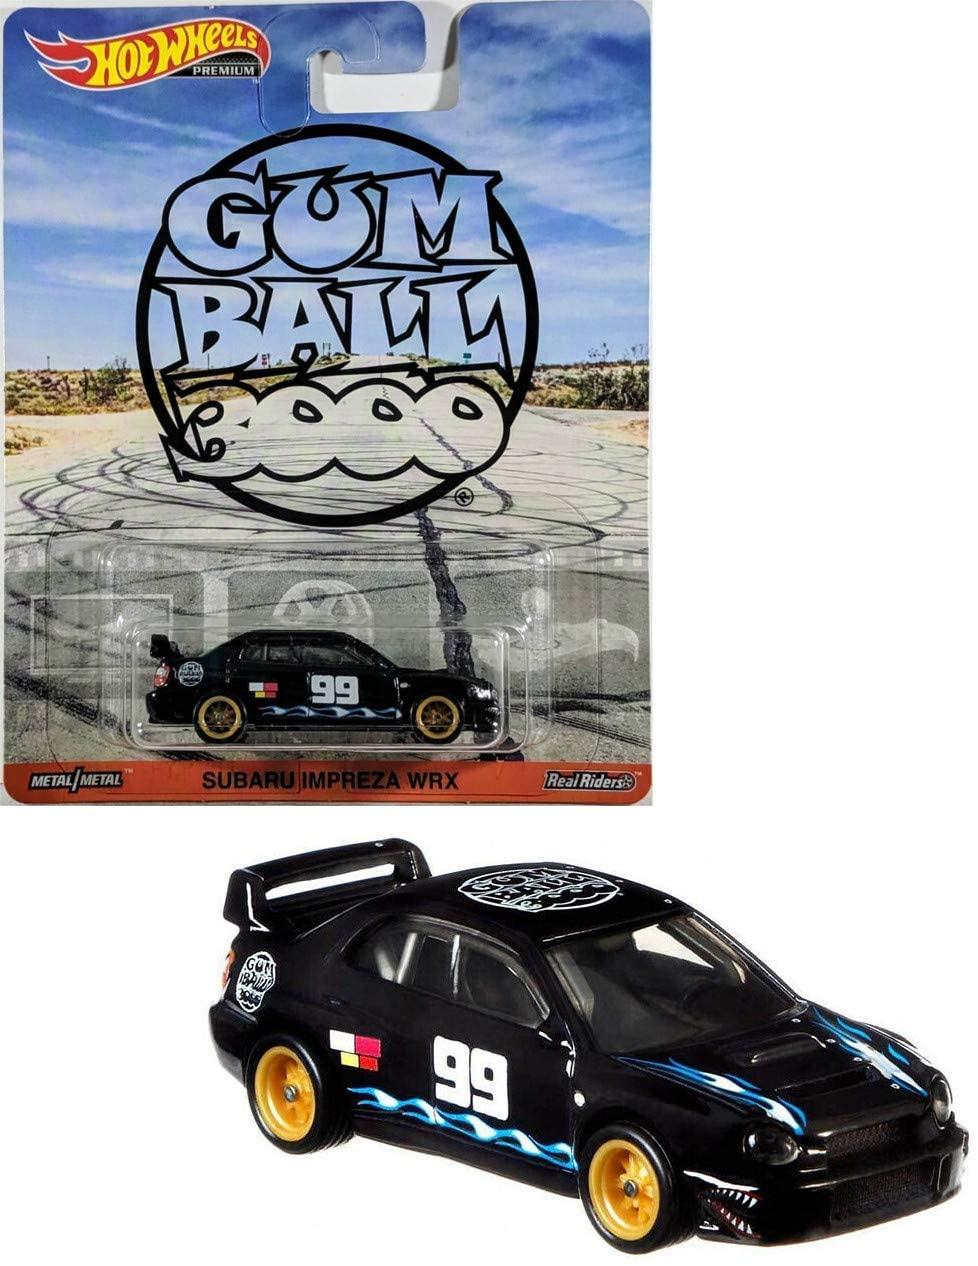 Hot Wheels Gum Ball Booo Premium Sabaru Impreza WRX, Black